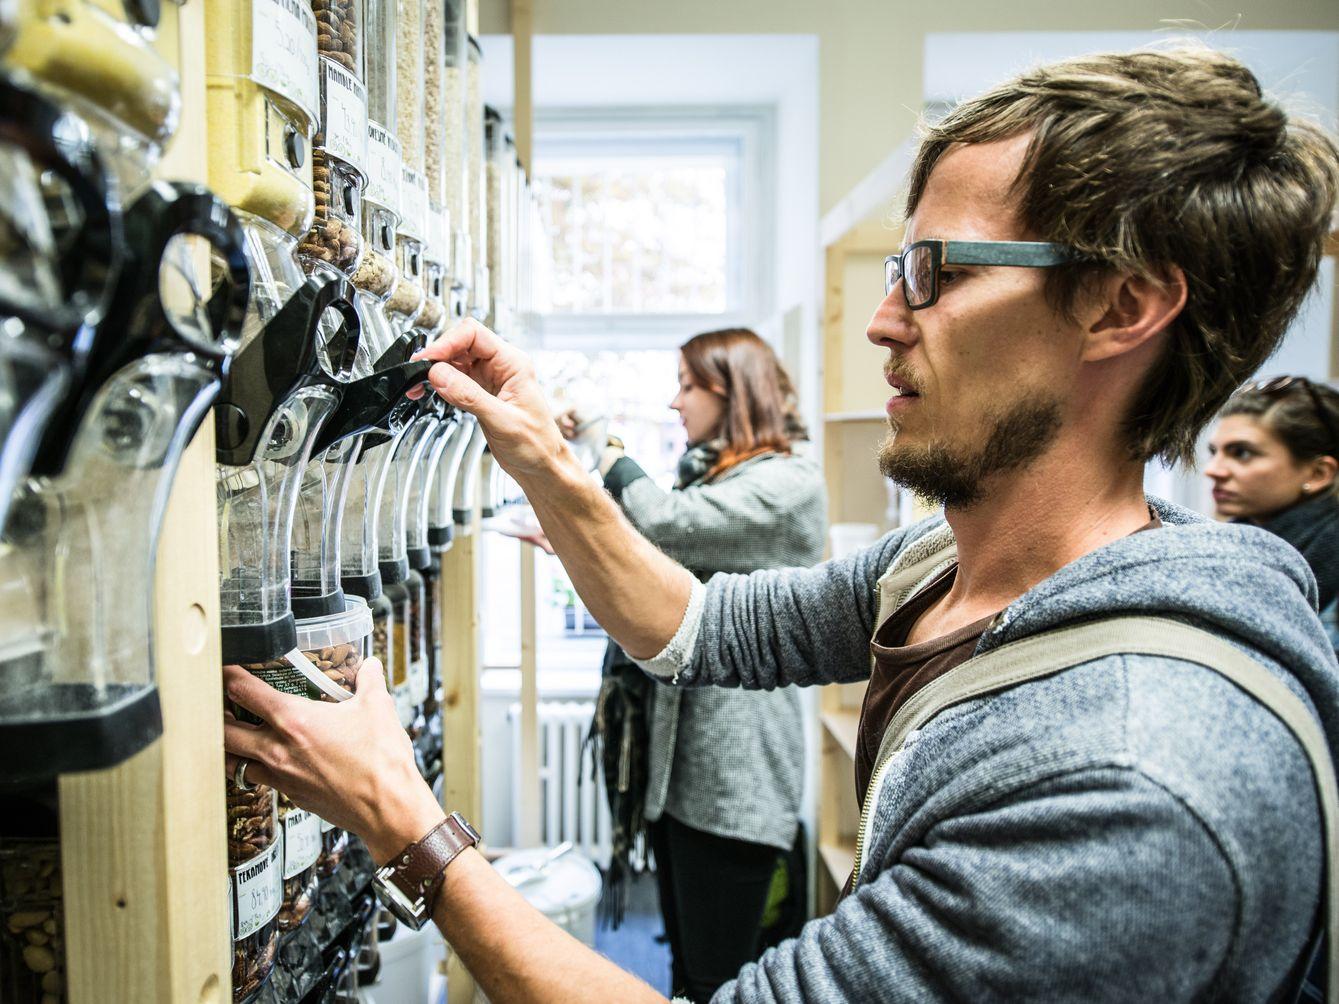 Zprávy z kampaně #dostbyloplastu: Chtějte zboží, ne obaly